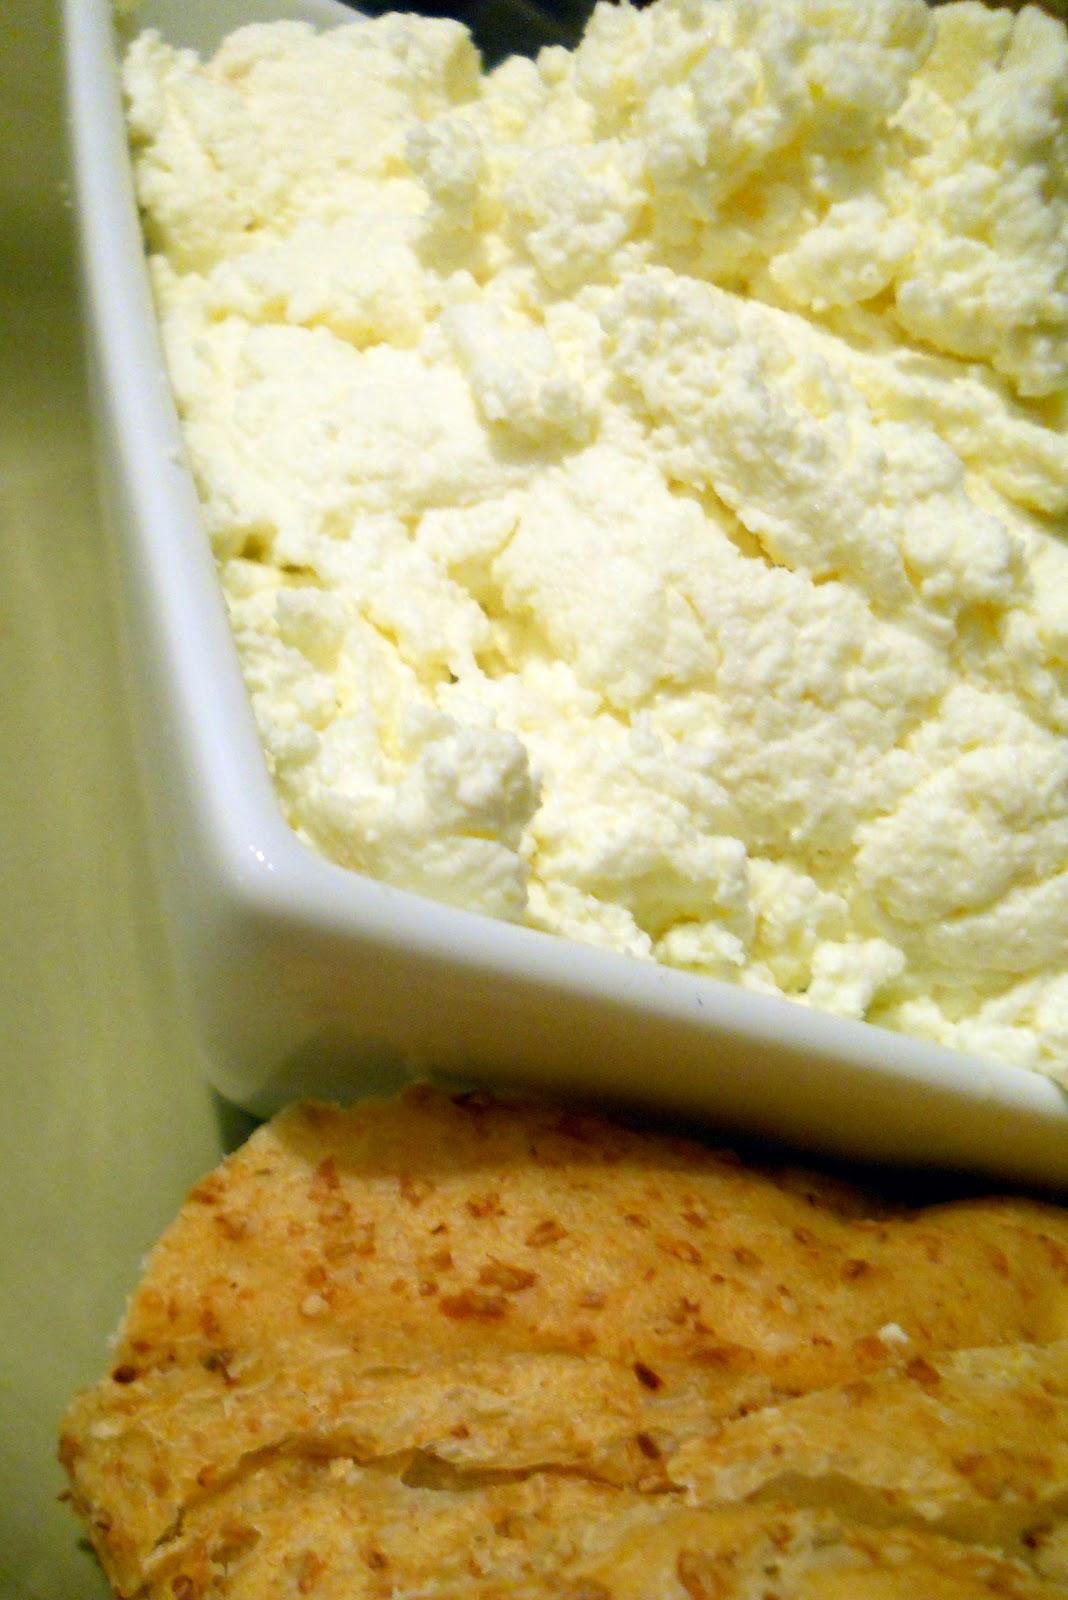 Cream lemon vf - 3 part 2